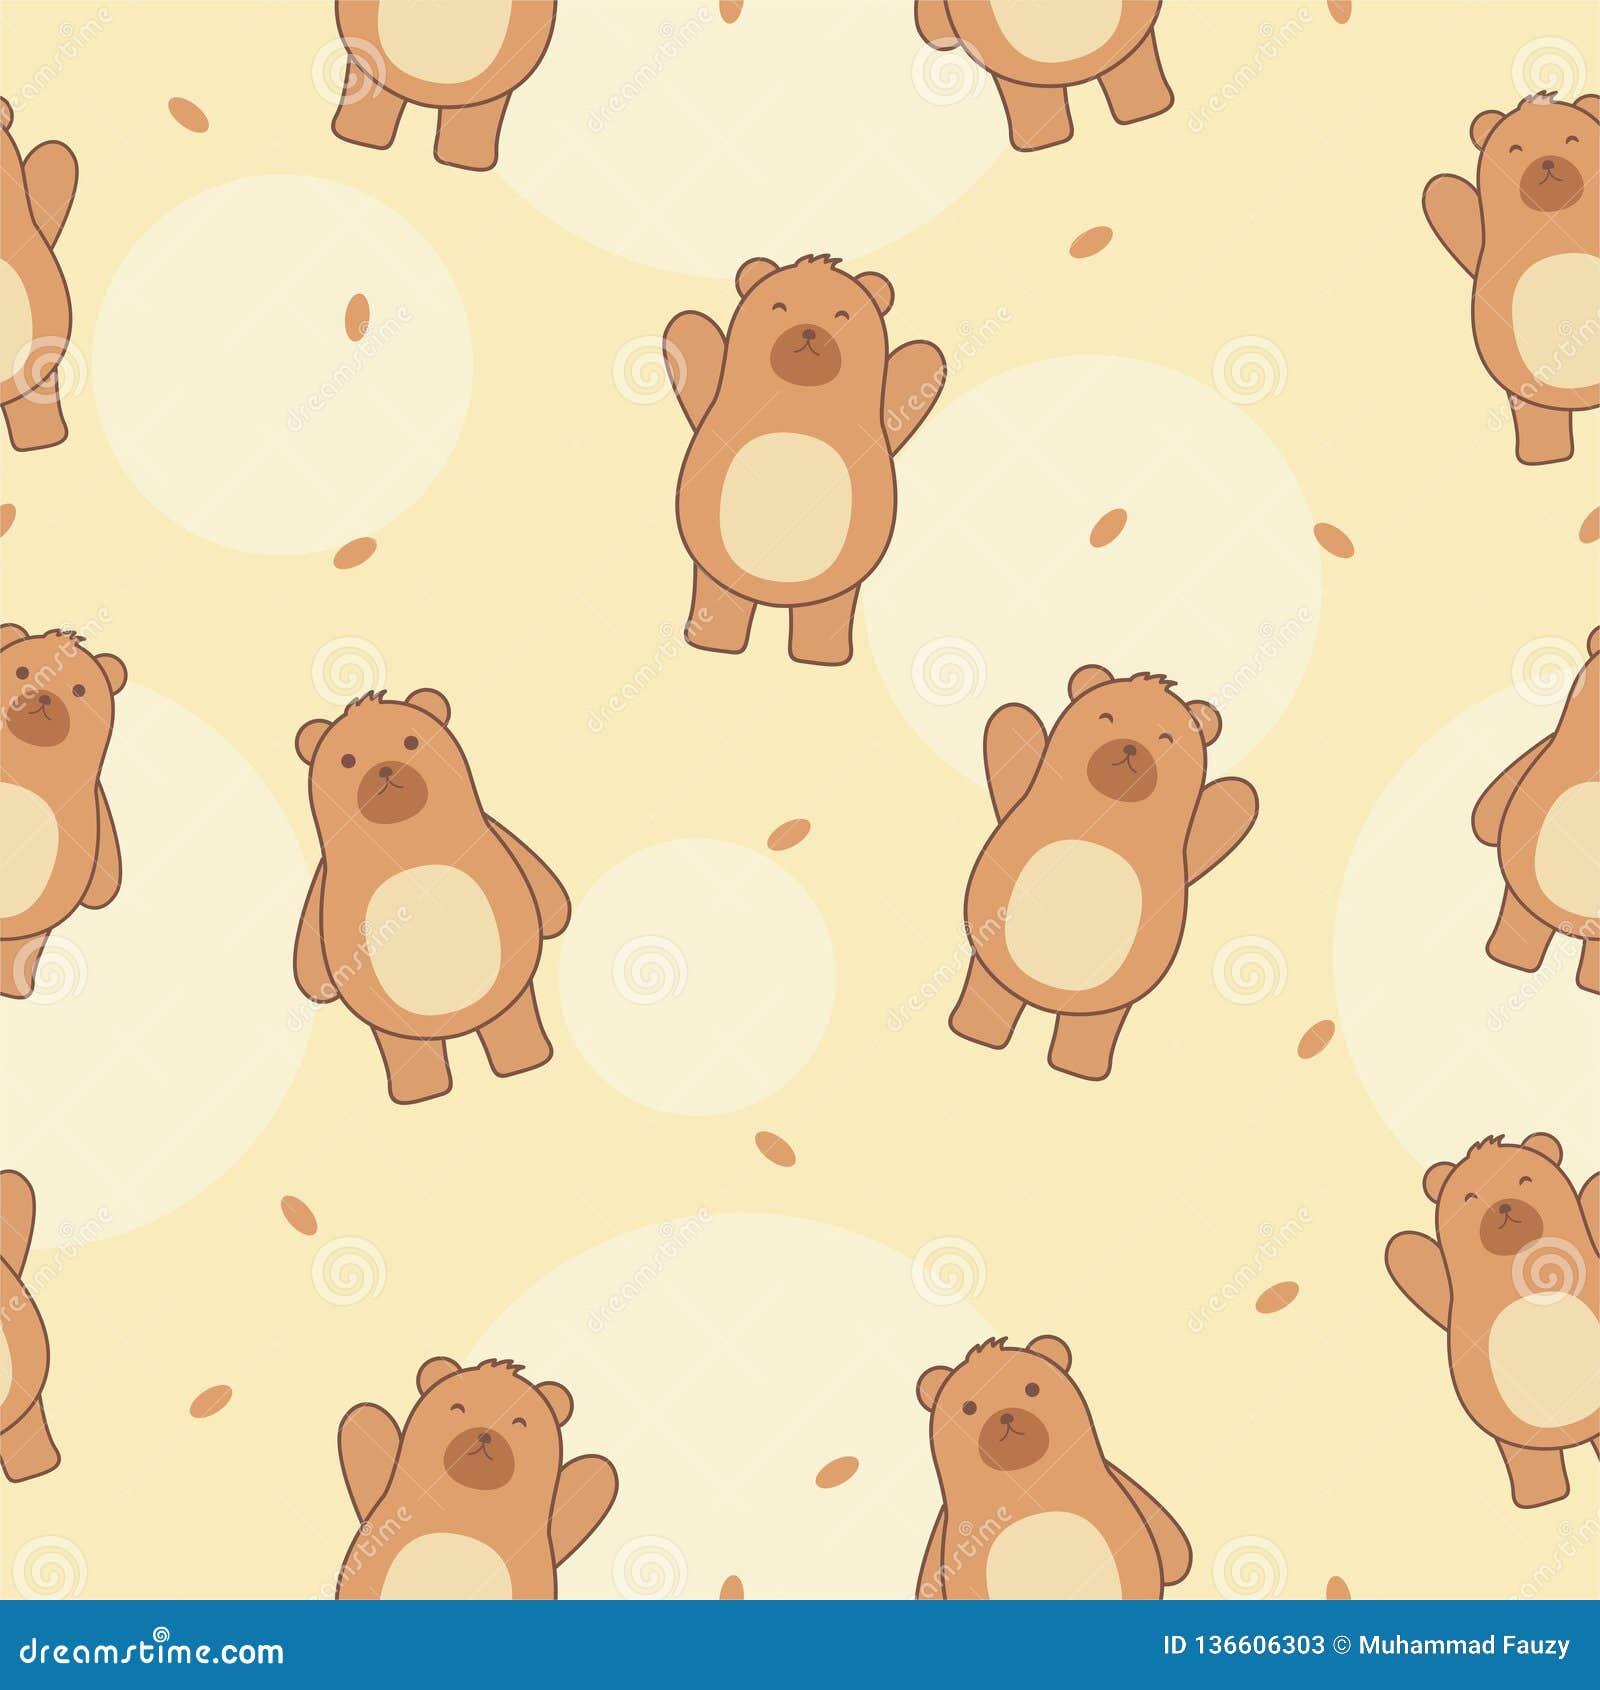 Cute bear seamless pattern vector, cute bear wallpaper